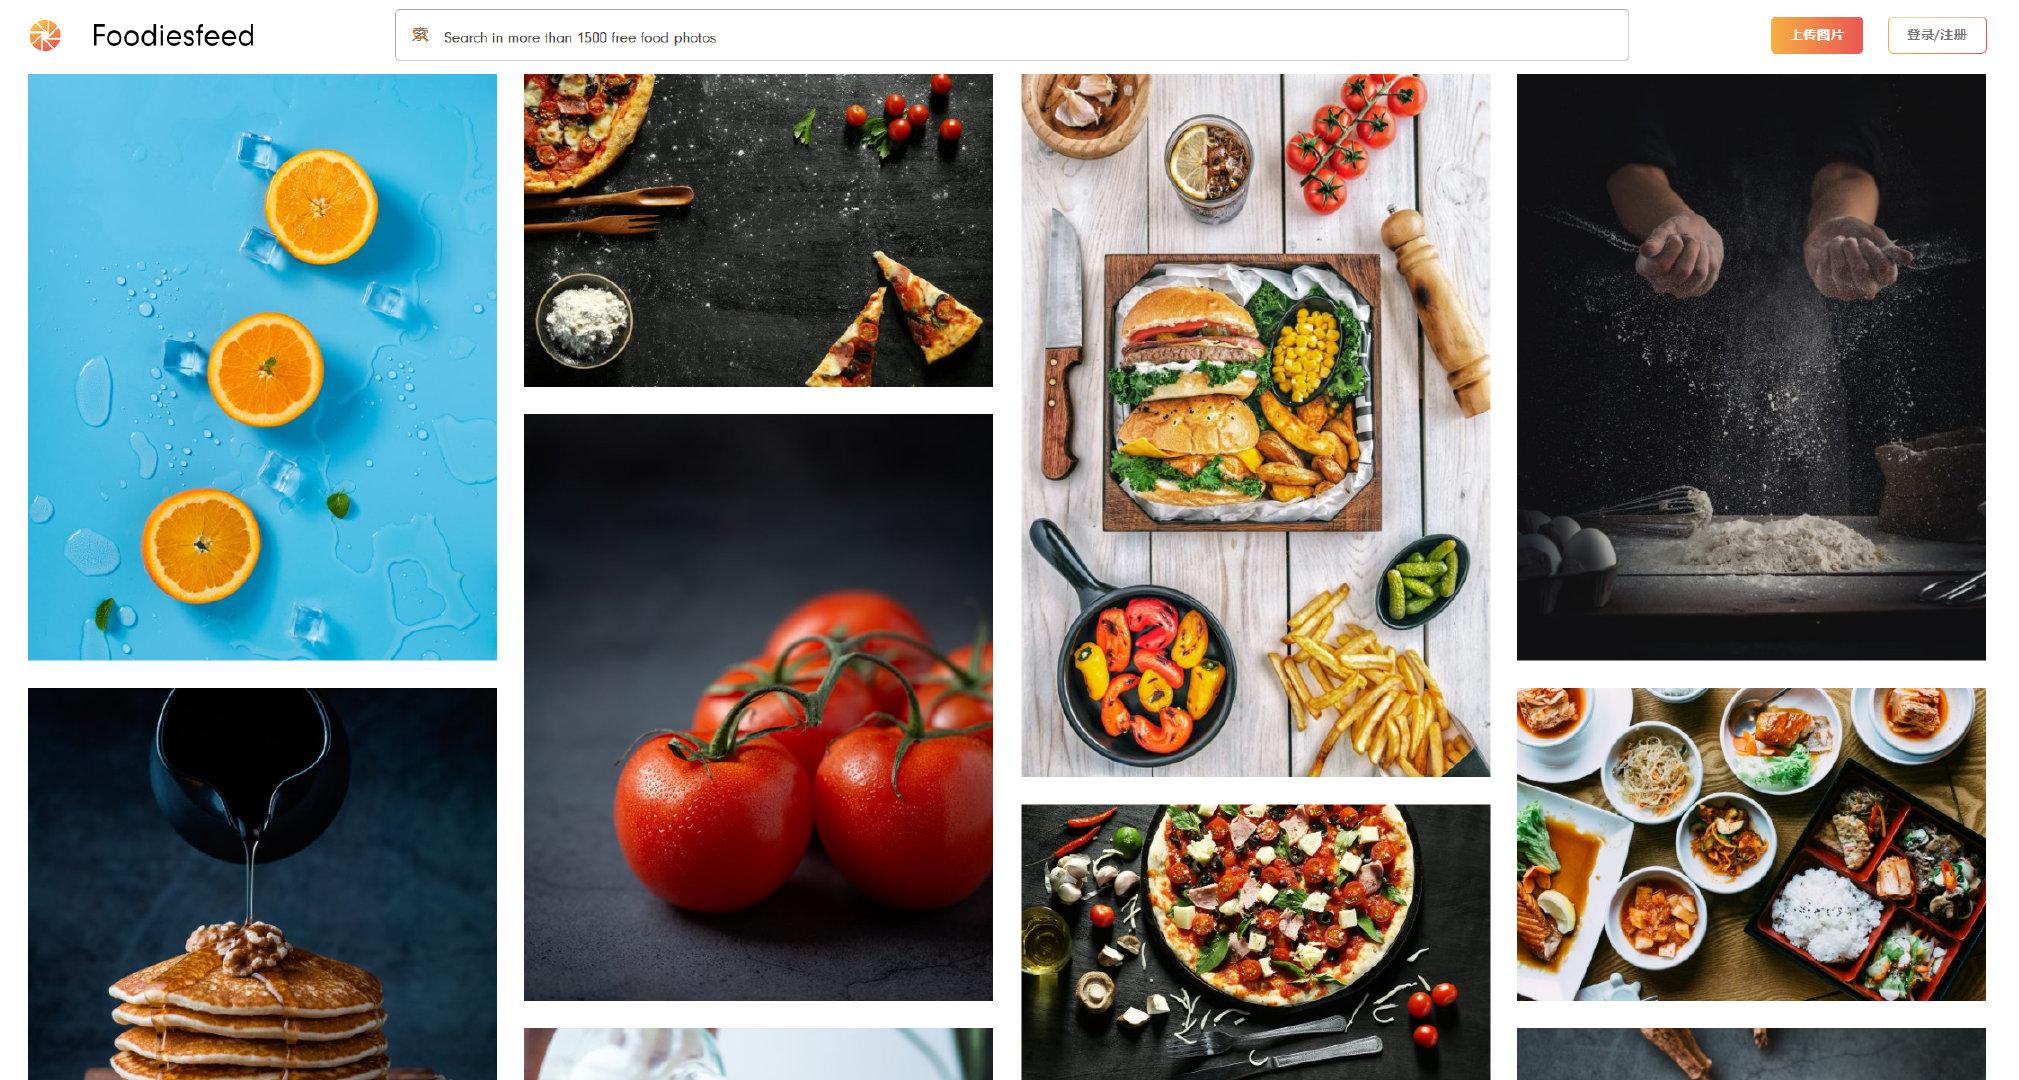 分享两个食物类高清图片素材网站 可商用图片网站图片